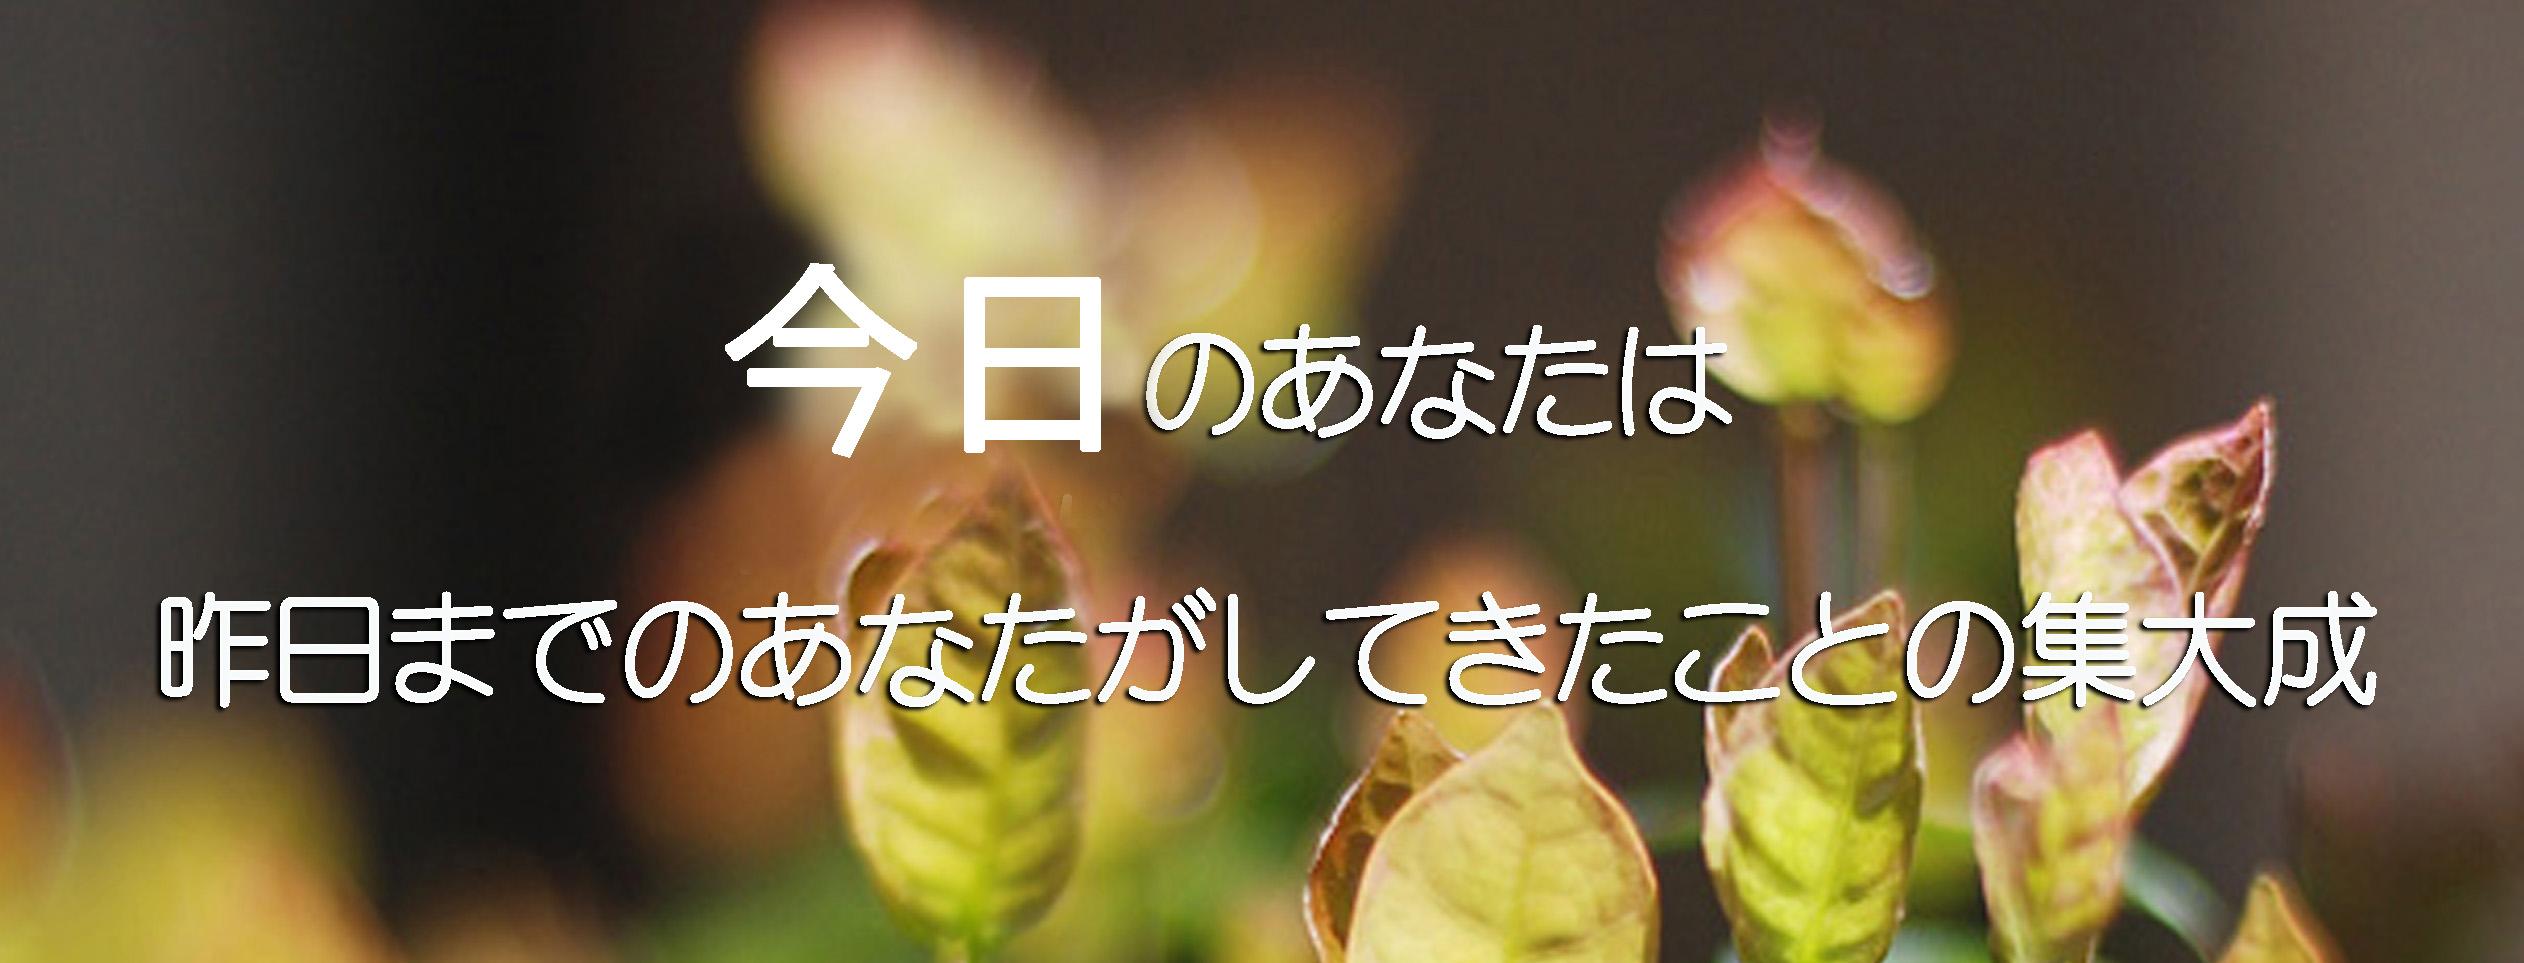 f0215487_18254173.jpg